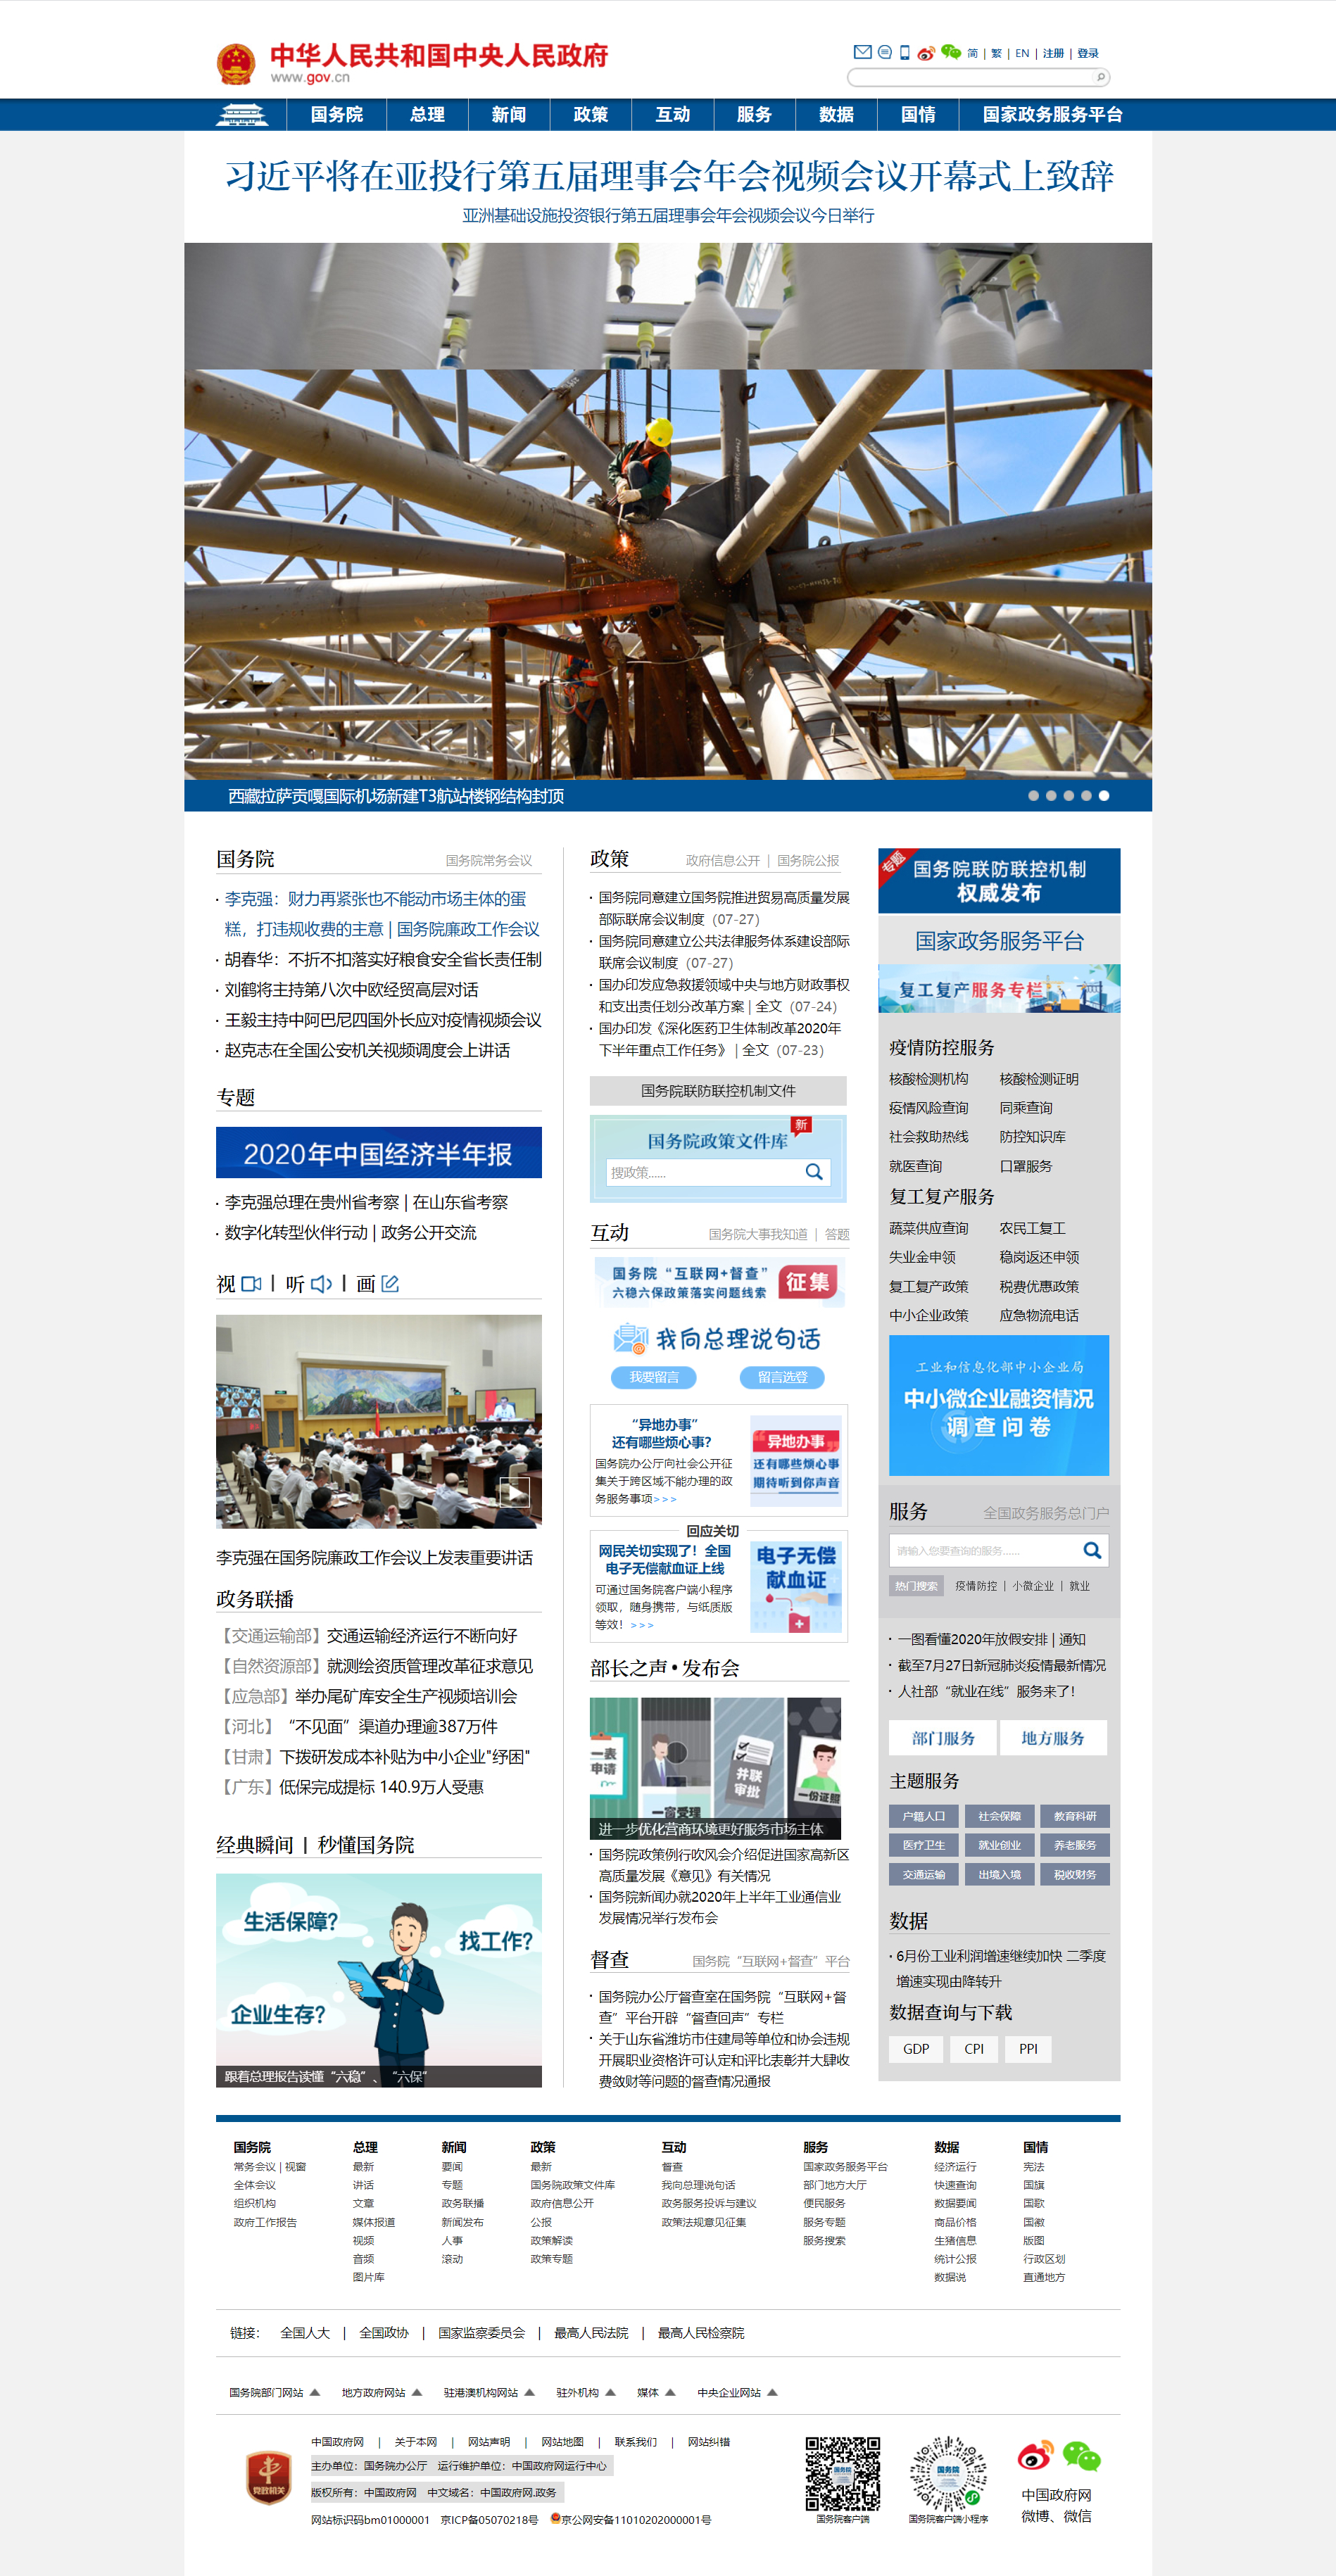 部分国家和地区政府网站一览的头图